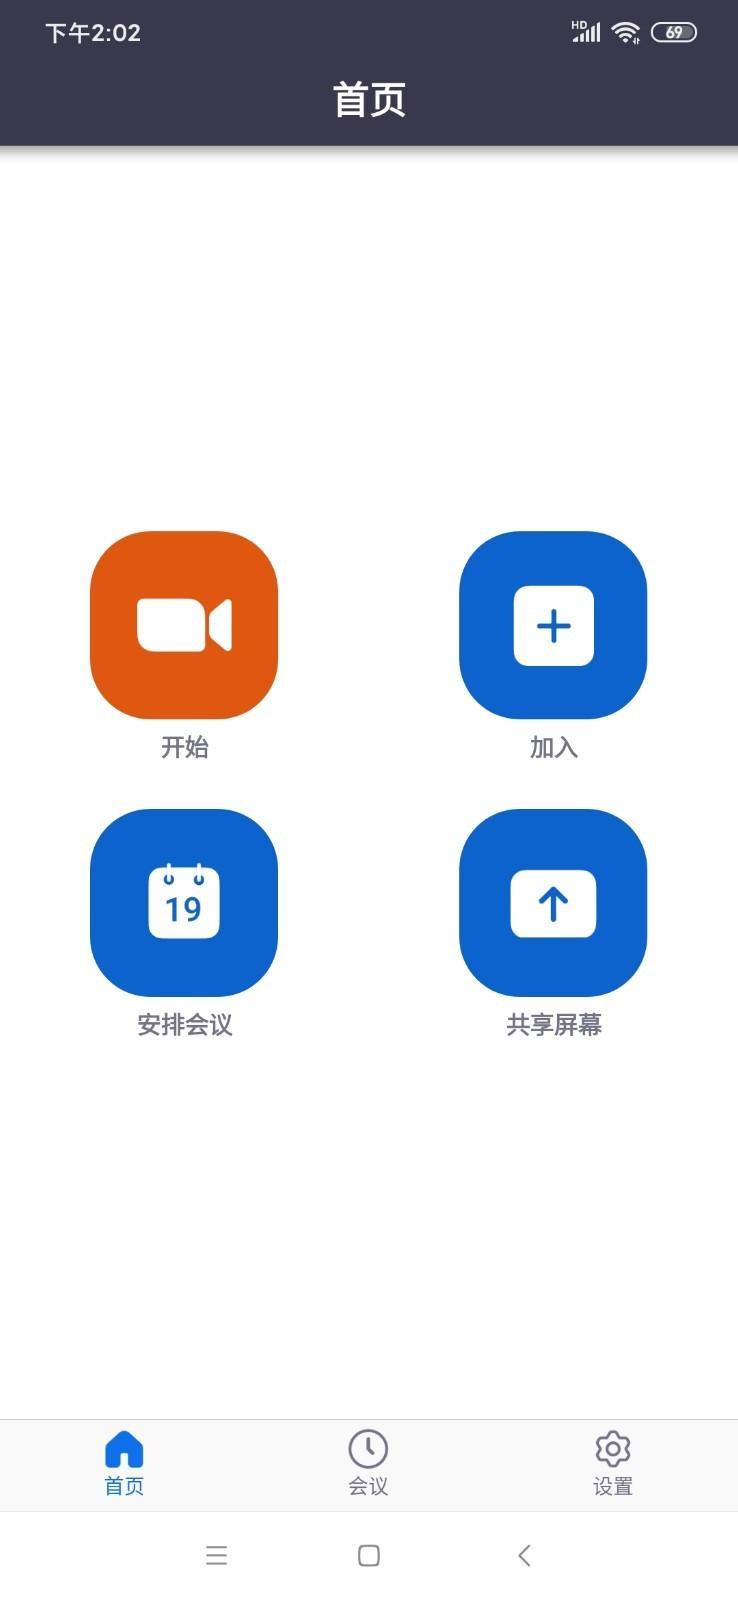 中目app截图1